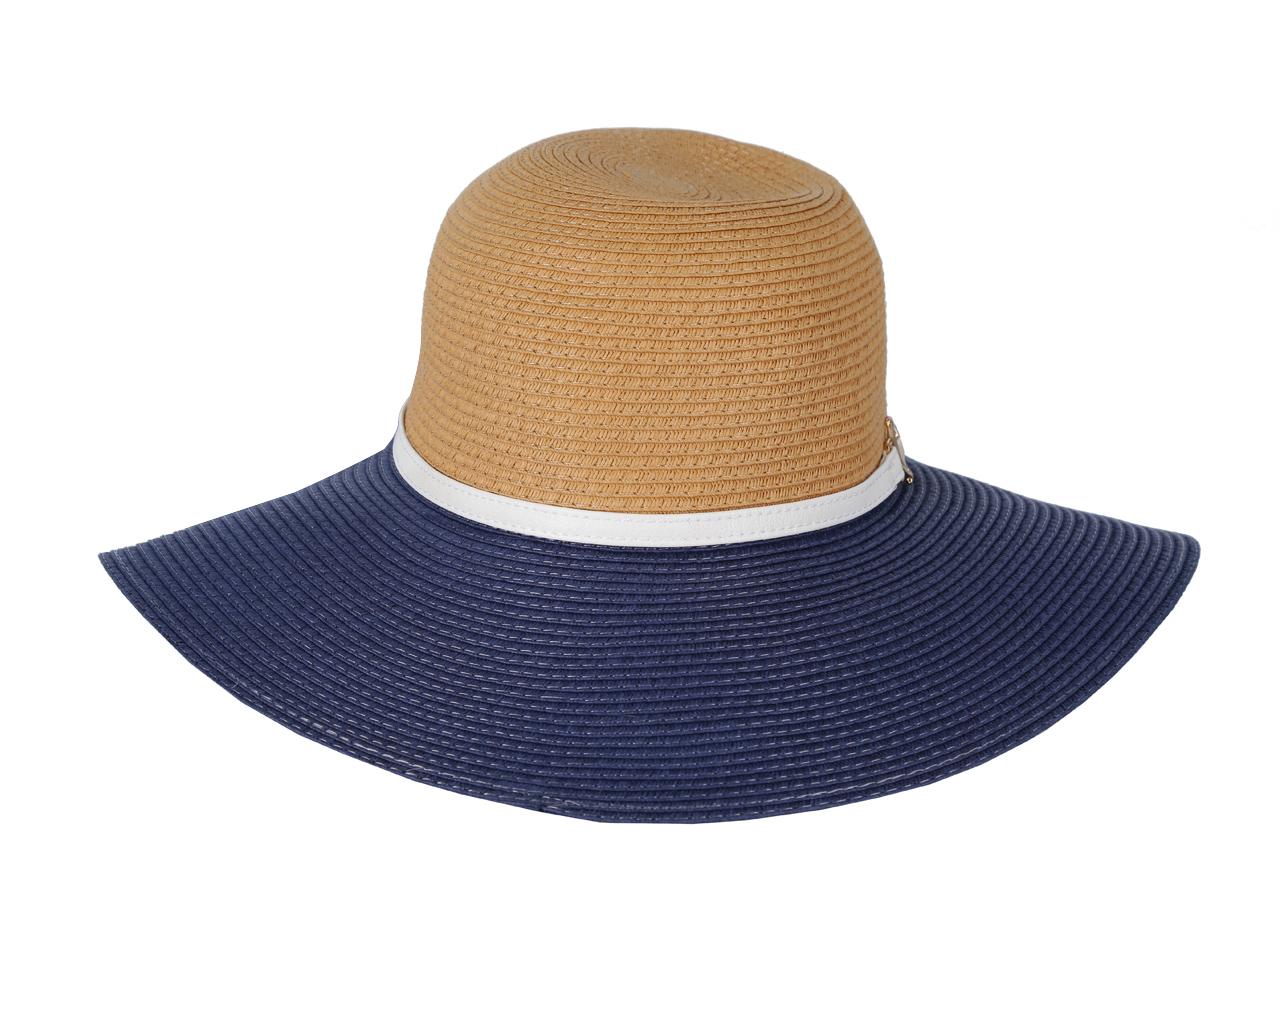 ШляпаGL34-3/5 BEIGE/BLUEСтильная шляпа для пляжного отдыха и прогулок в солнечные дни.